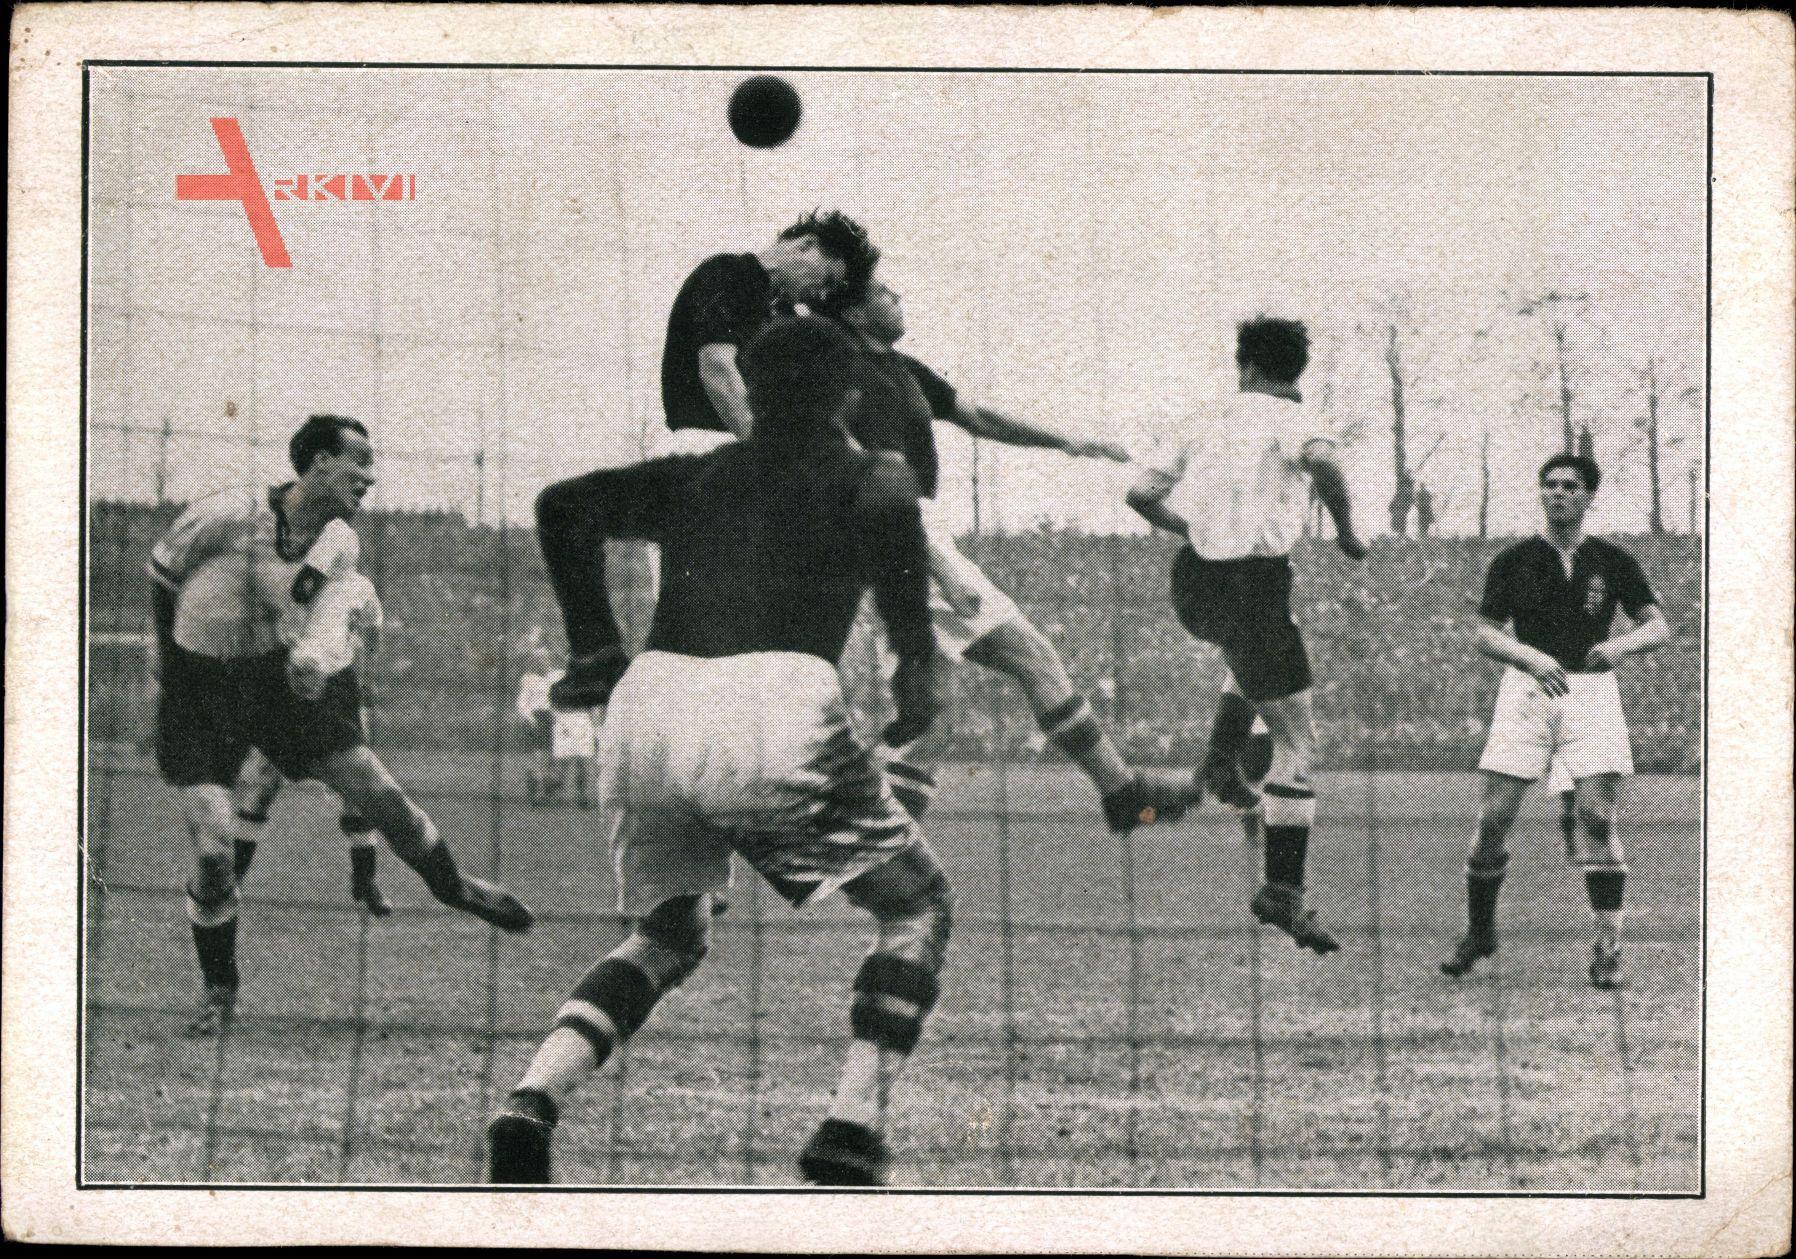 Deutsche Nationalmannschaft, Ungarn, 1941 in Köln, Kopfball, Hahnemann, Schön